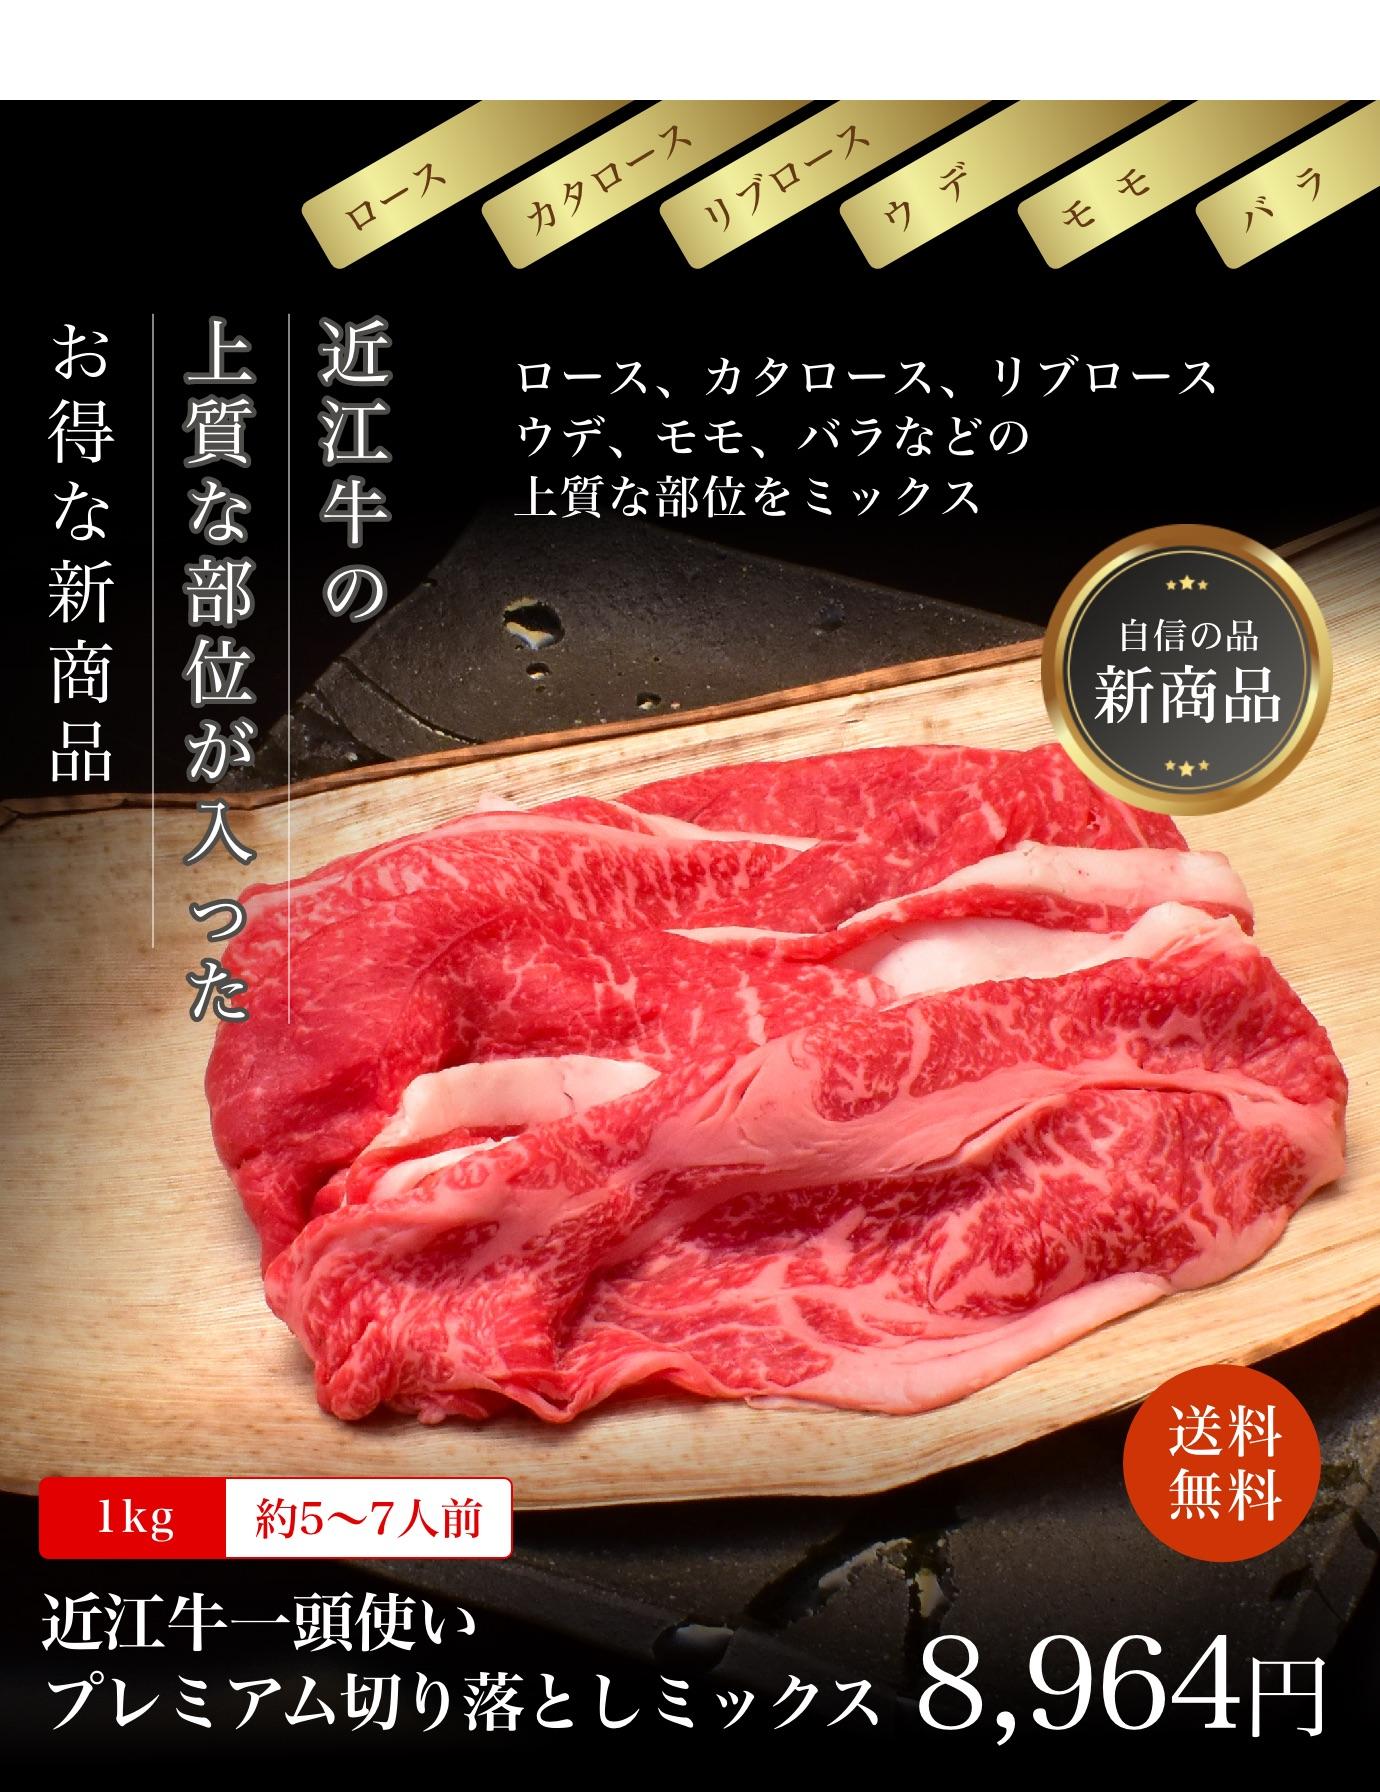 近江牛 一頭使い プレミアム切り落としミックス 1kg (約5〜7人前)